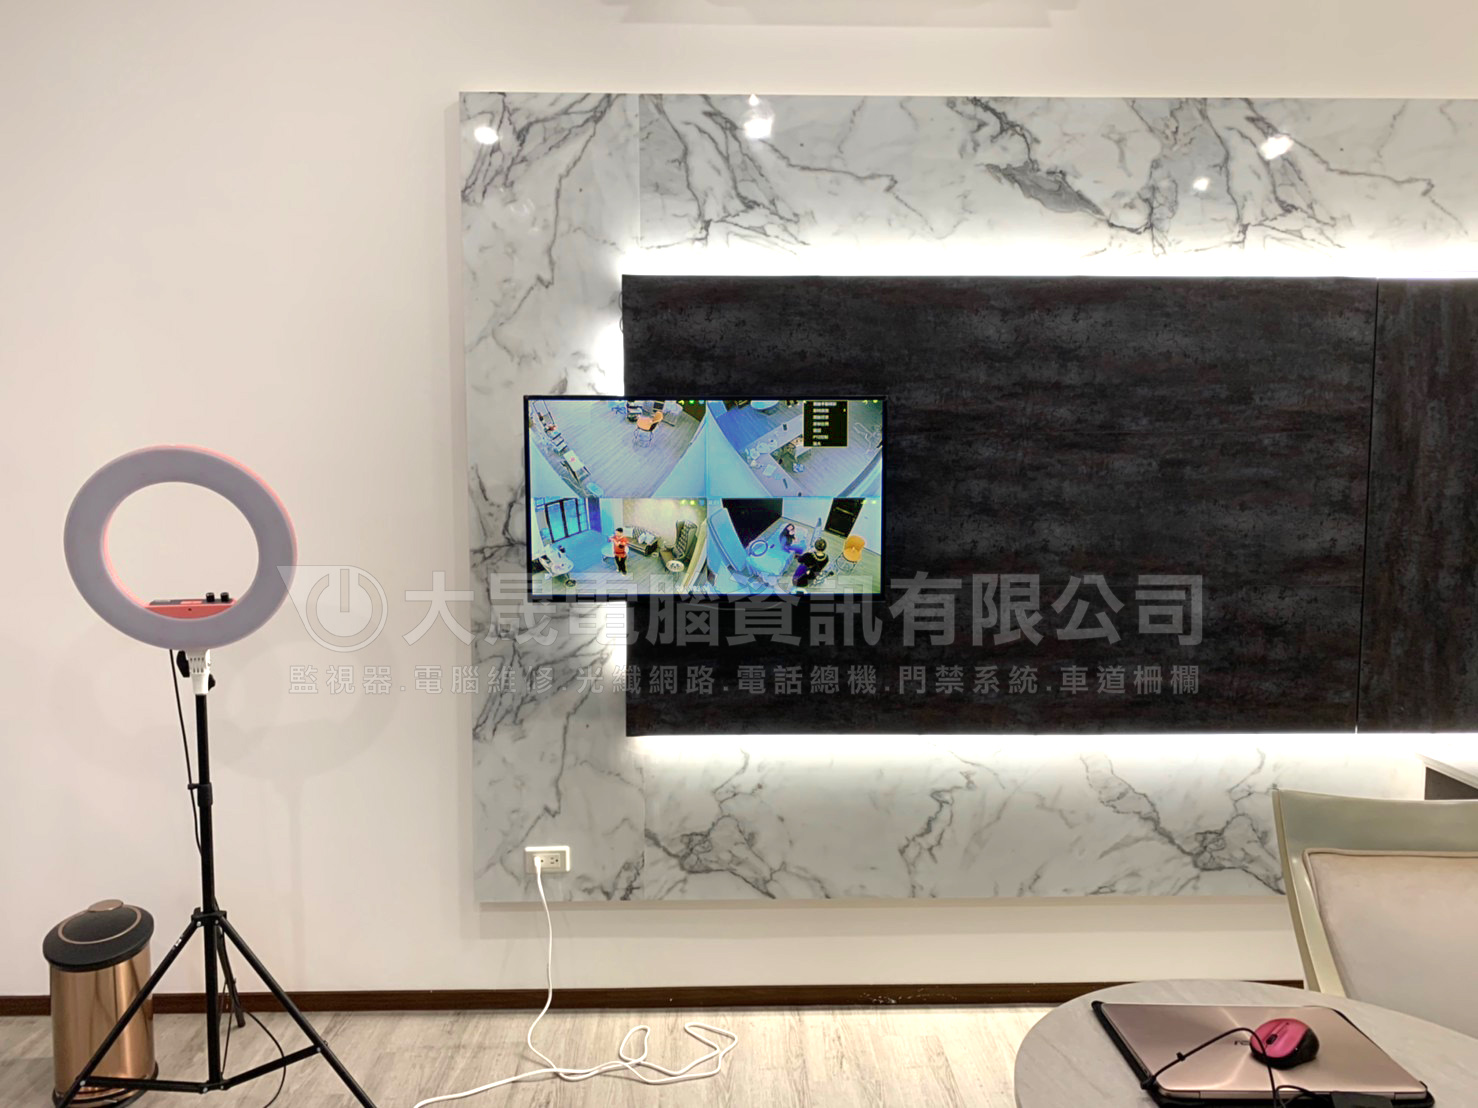 蘆竹監視器安裝工程,店家新增監視器,高畫質攝影機